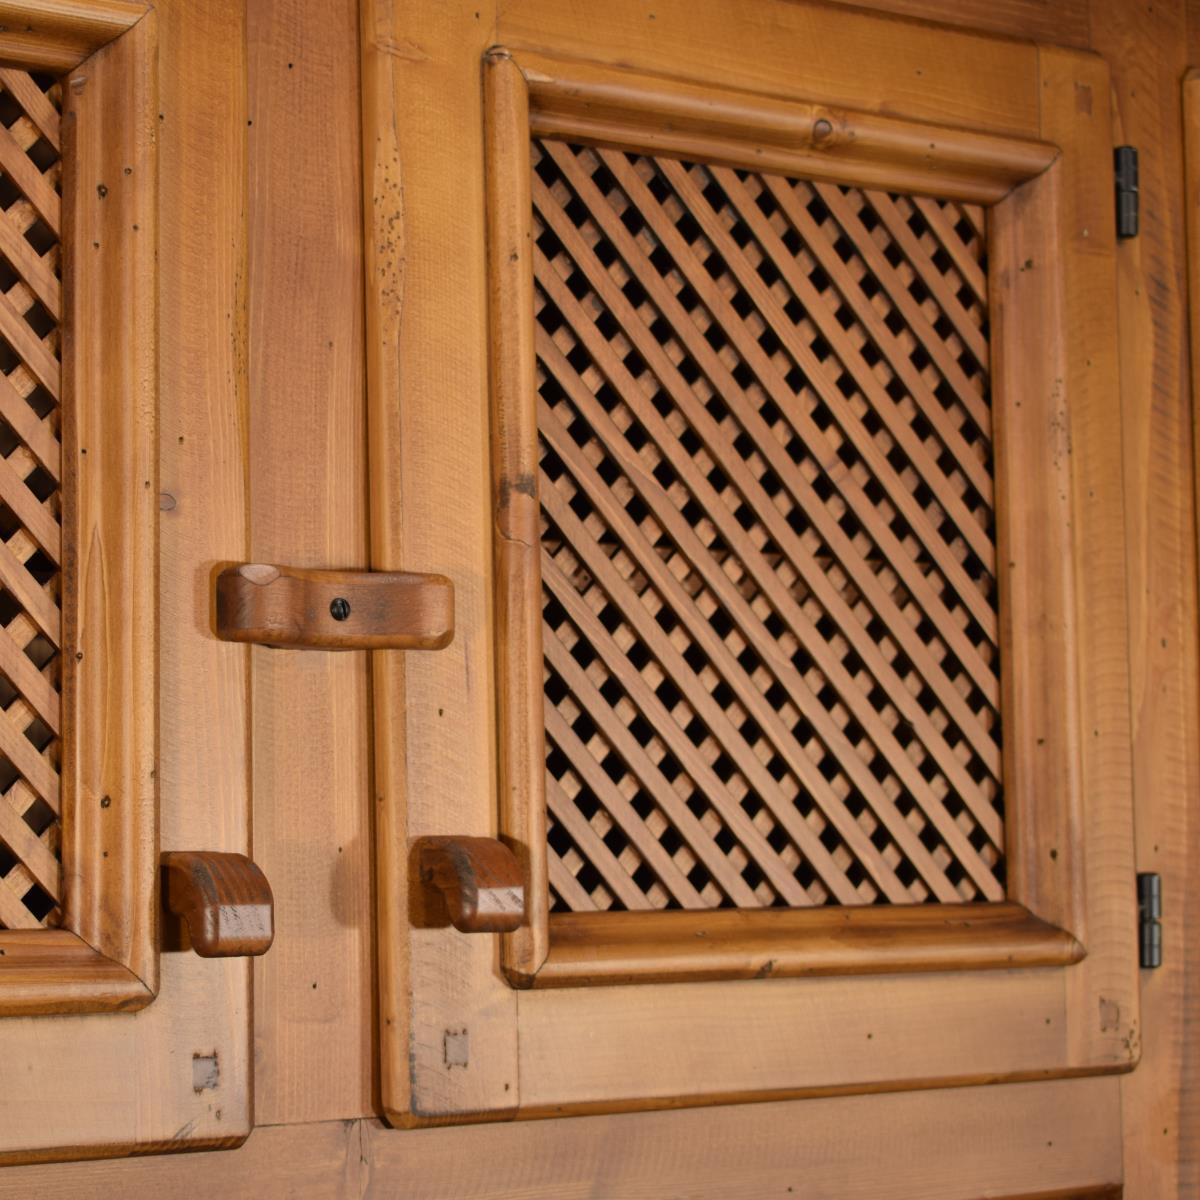 Aparador r stico de madera grande con altillo de puertas for Puertas grandes de madera